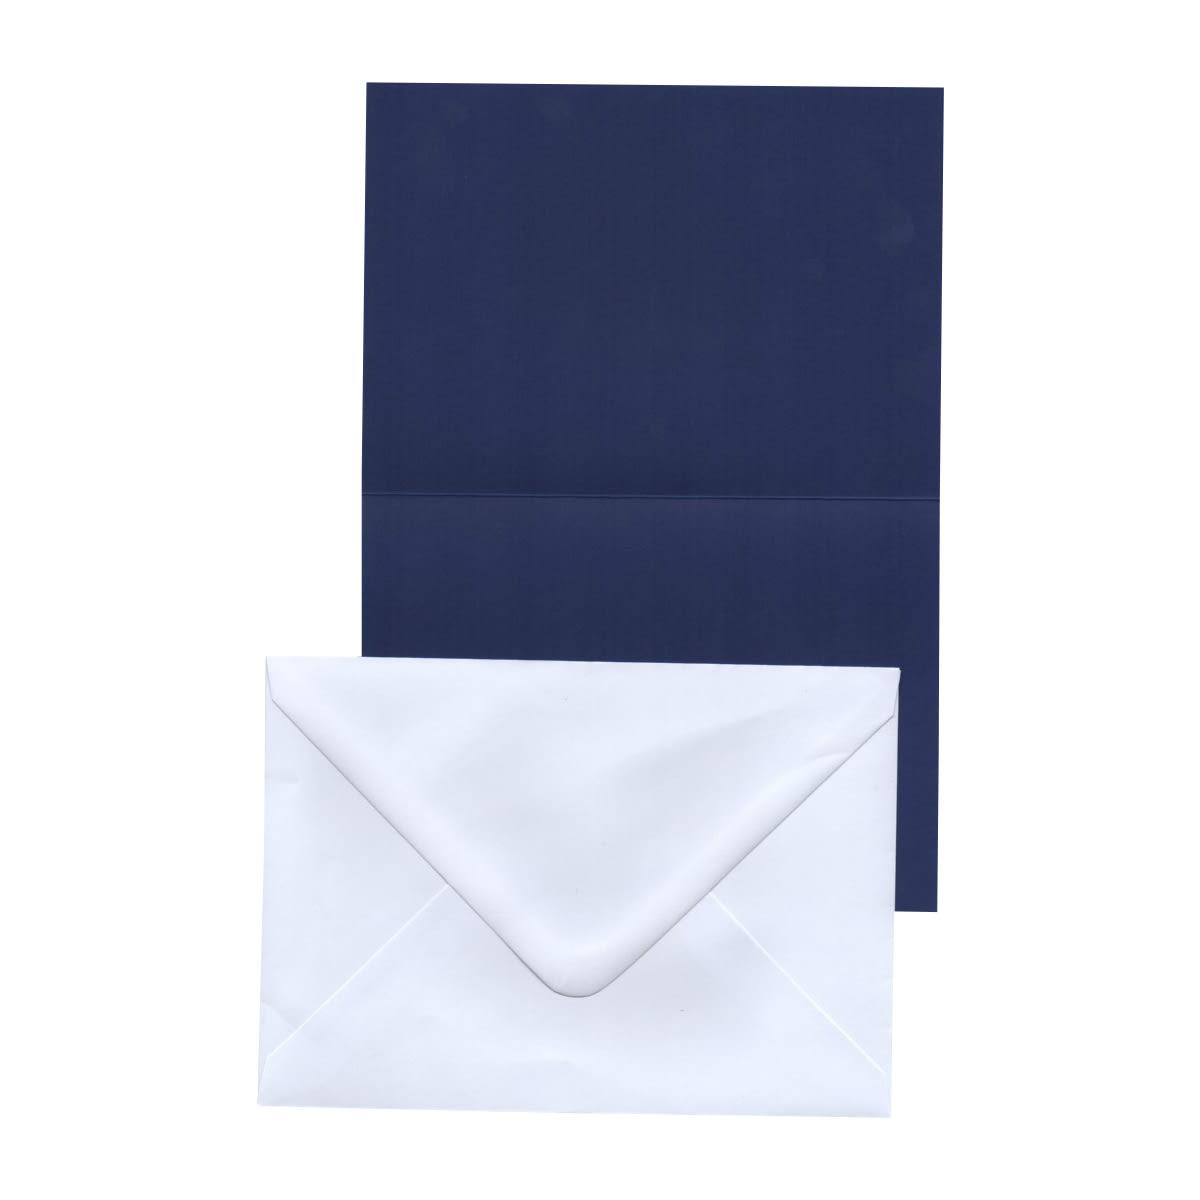 A6 COBALT BLUE CARD BLANKS & WHITE ENVELOPES (PACK OF 20)